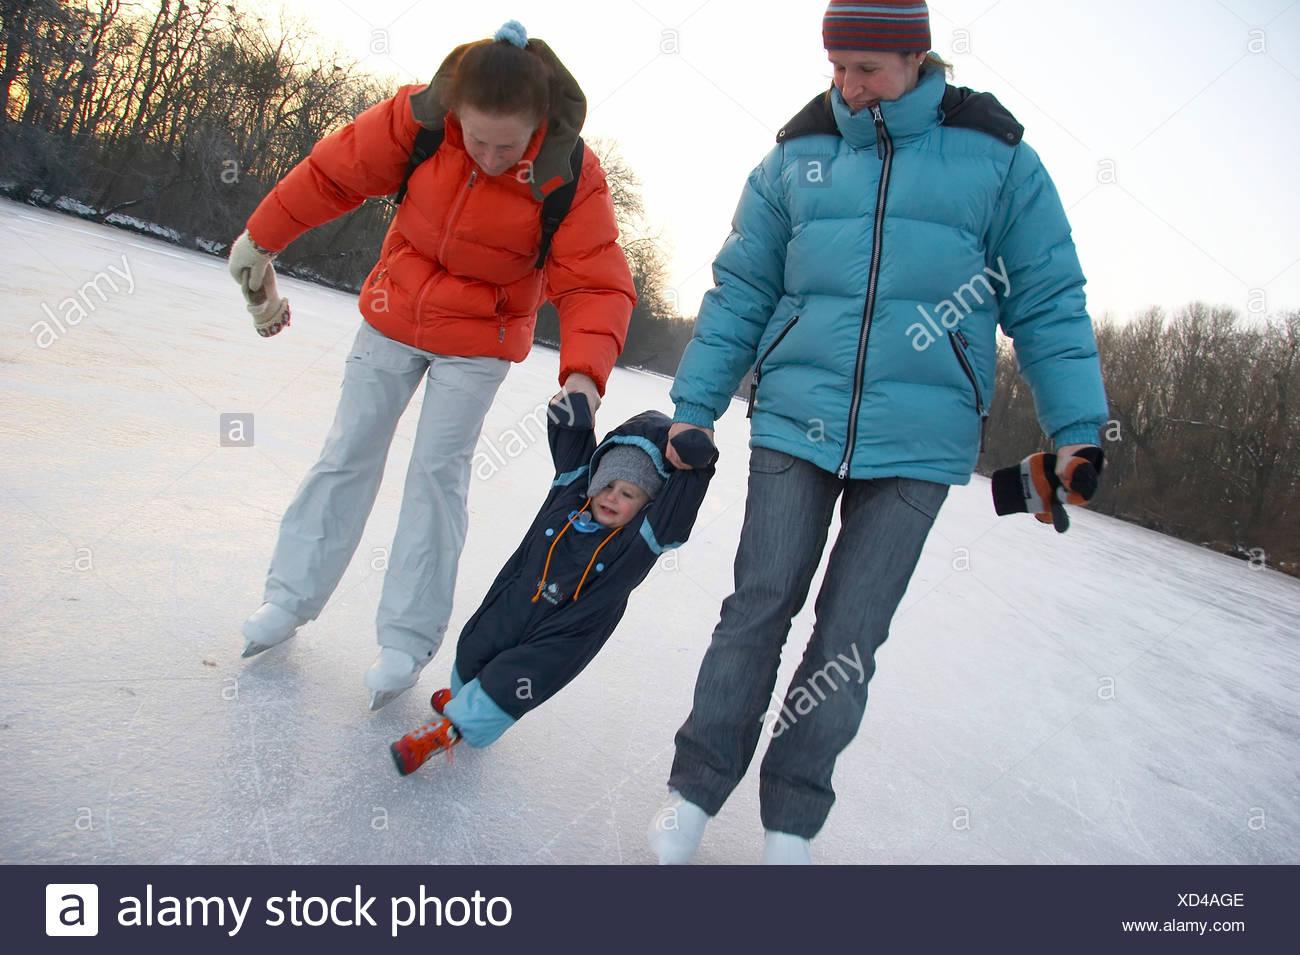 nouvelle arrivee 0f765 9fbd4 Patin à glace avec bébé Banque D'Images, Photo Stock ...